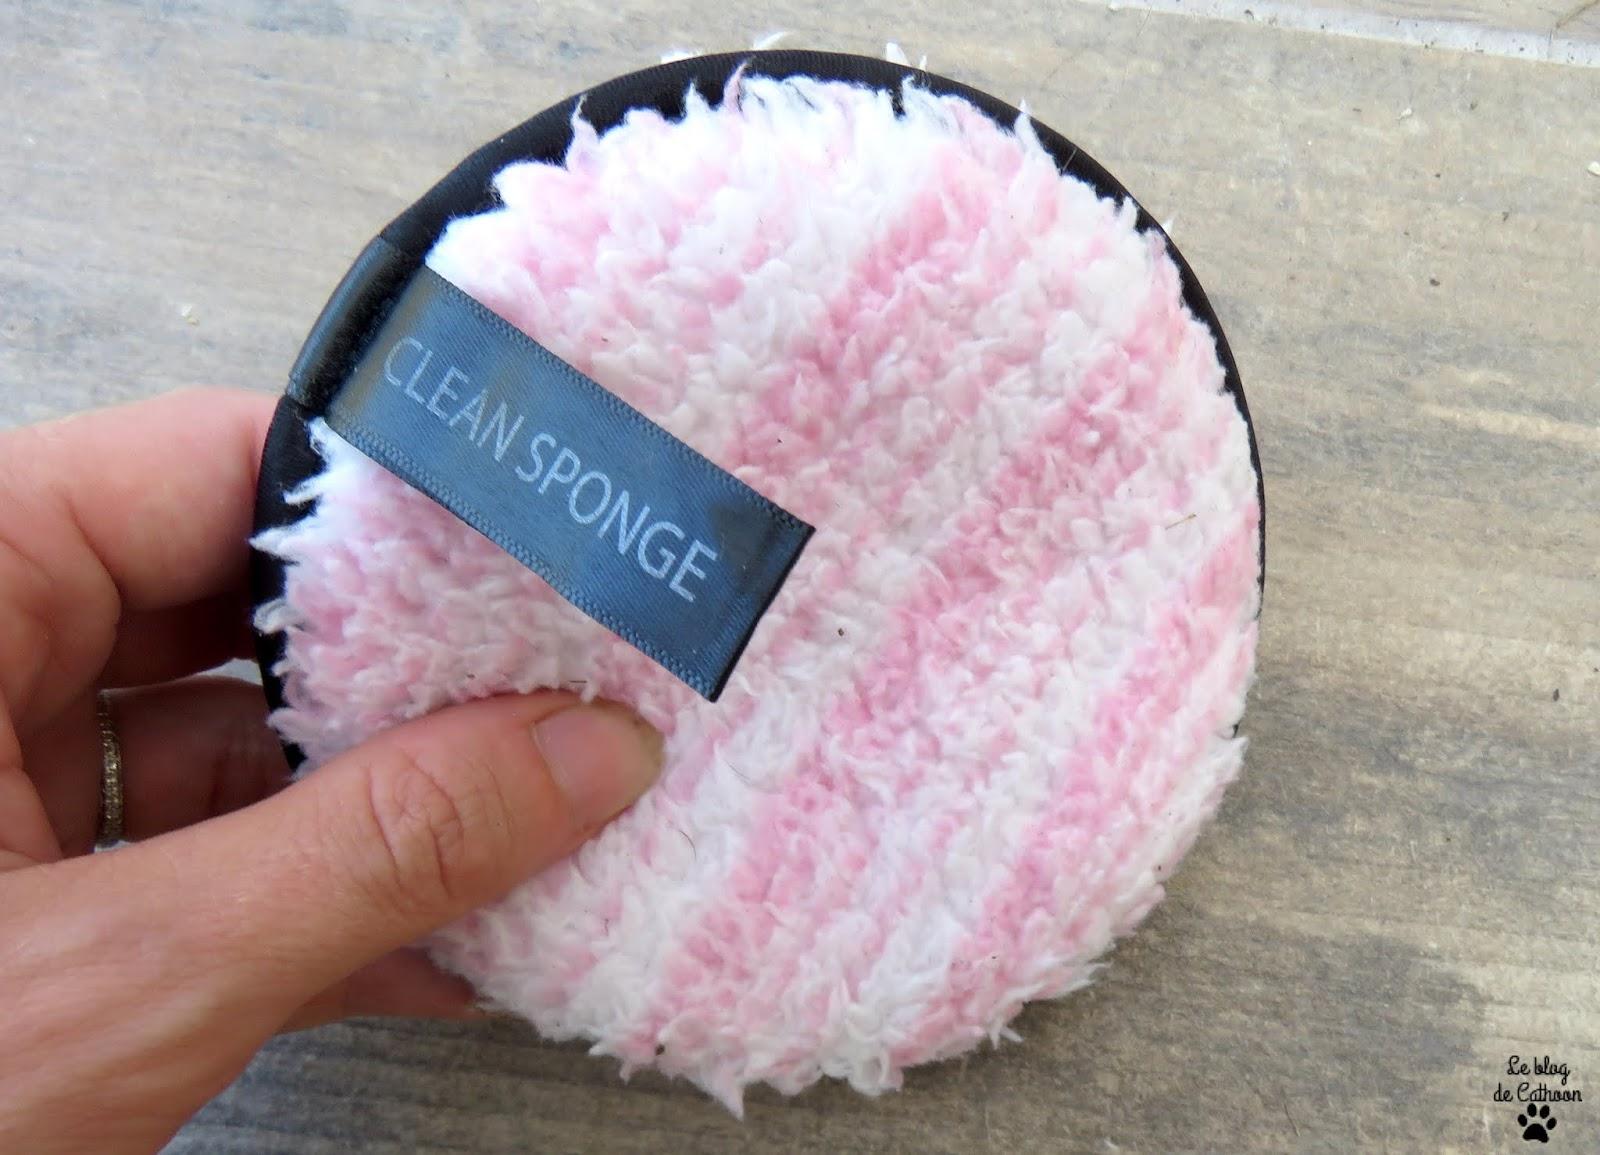 La Clean Sponge, l'éponge nettoyante visage